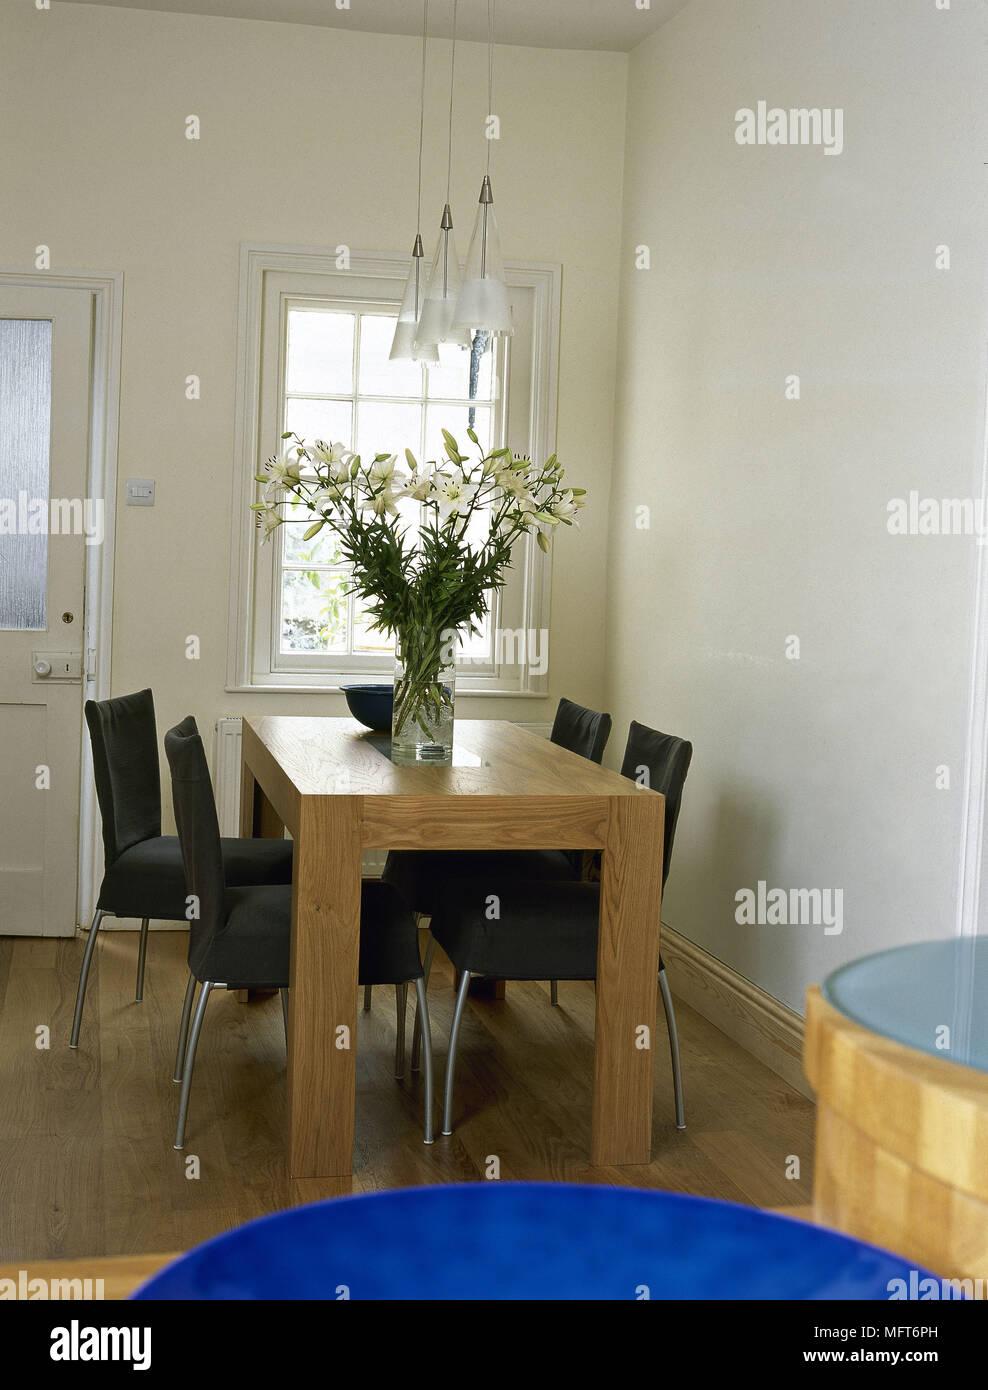 Moderna cocina comedor mesa de madera sillas cocinas ...